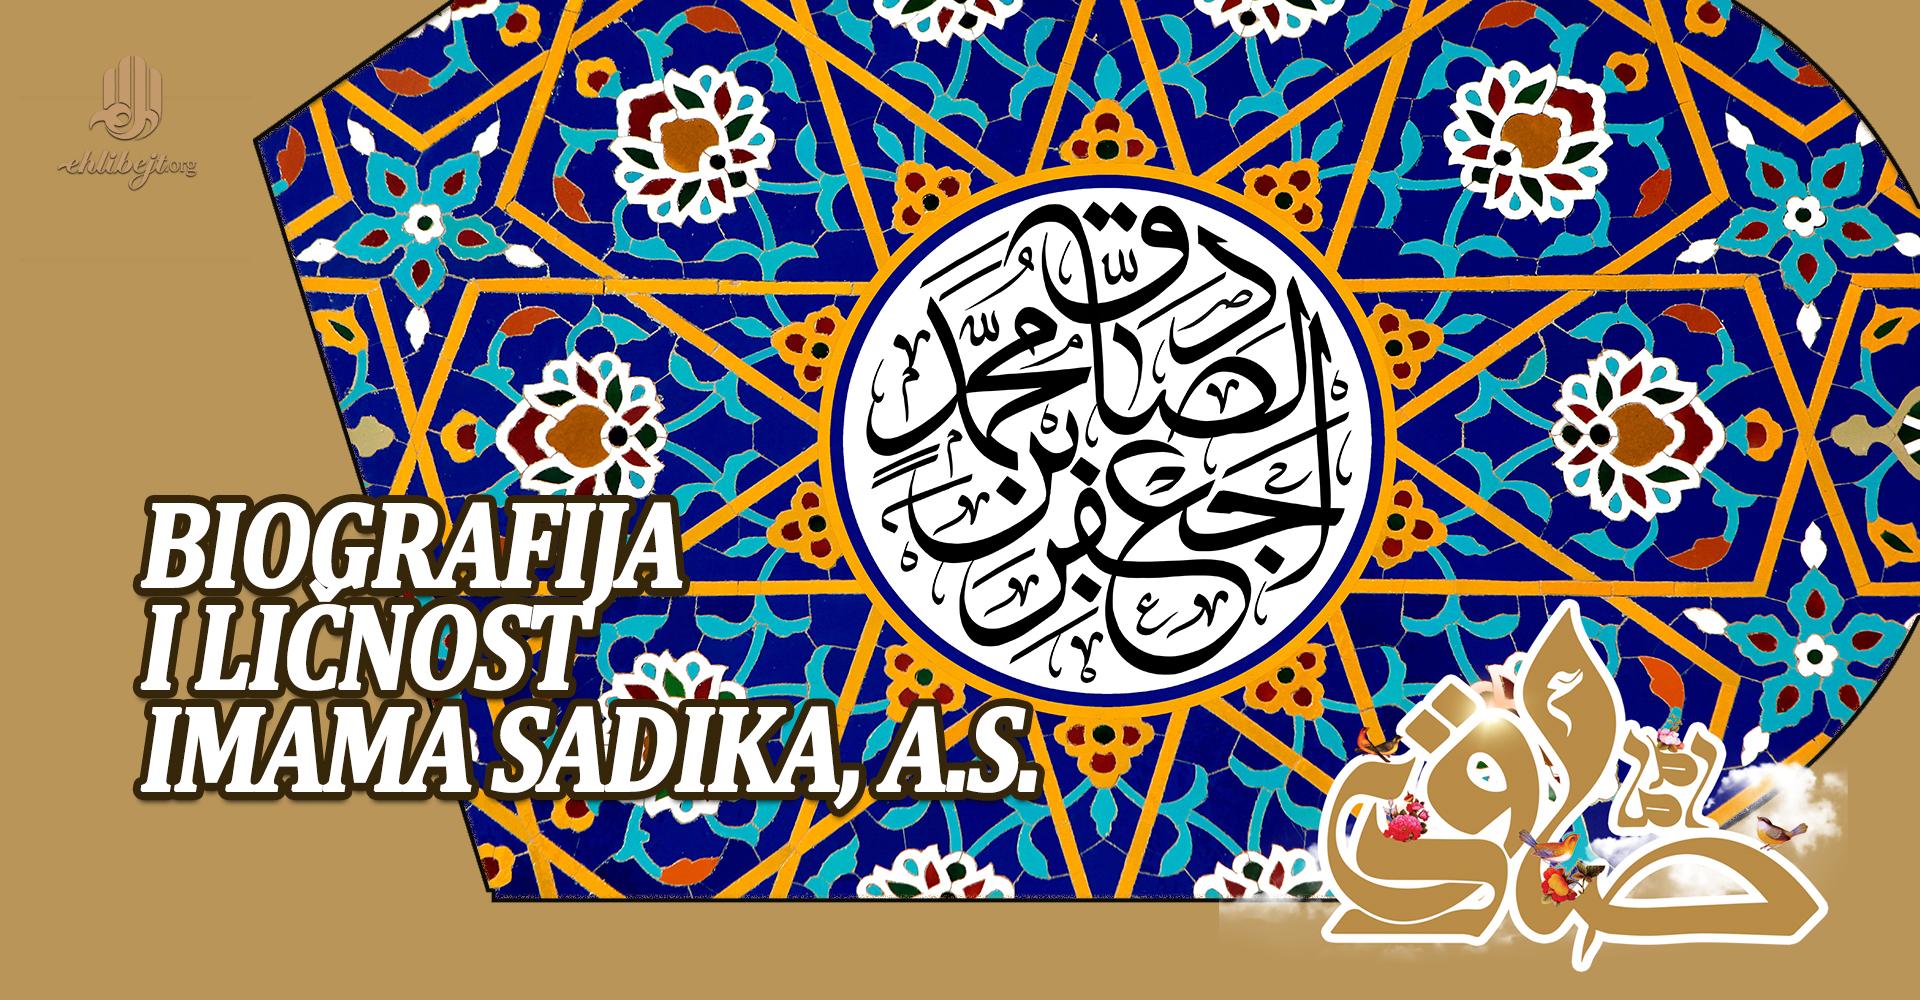 Biografija i ličnost Imama Sadika, a.s.